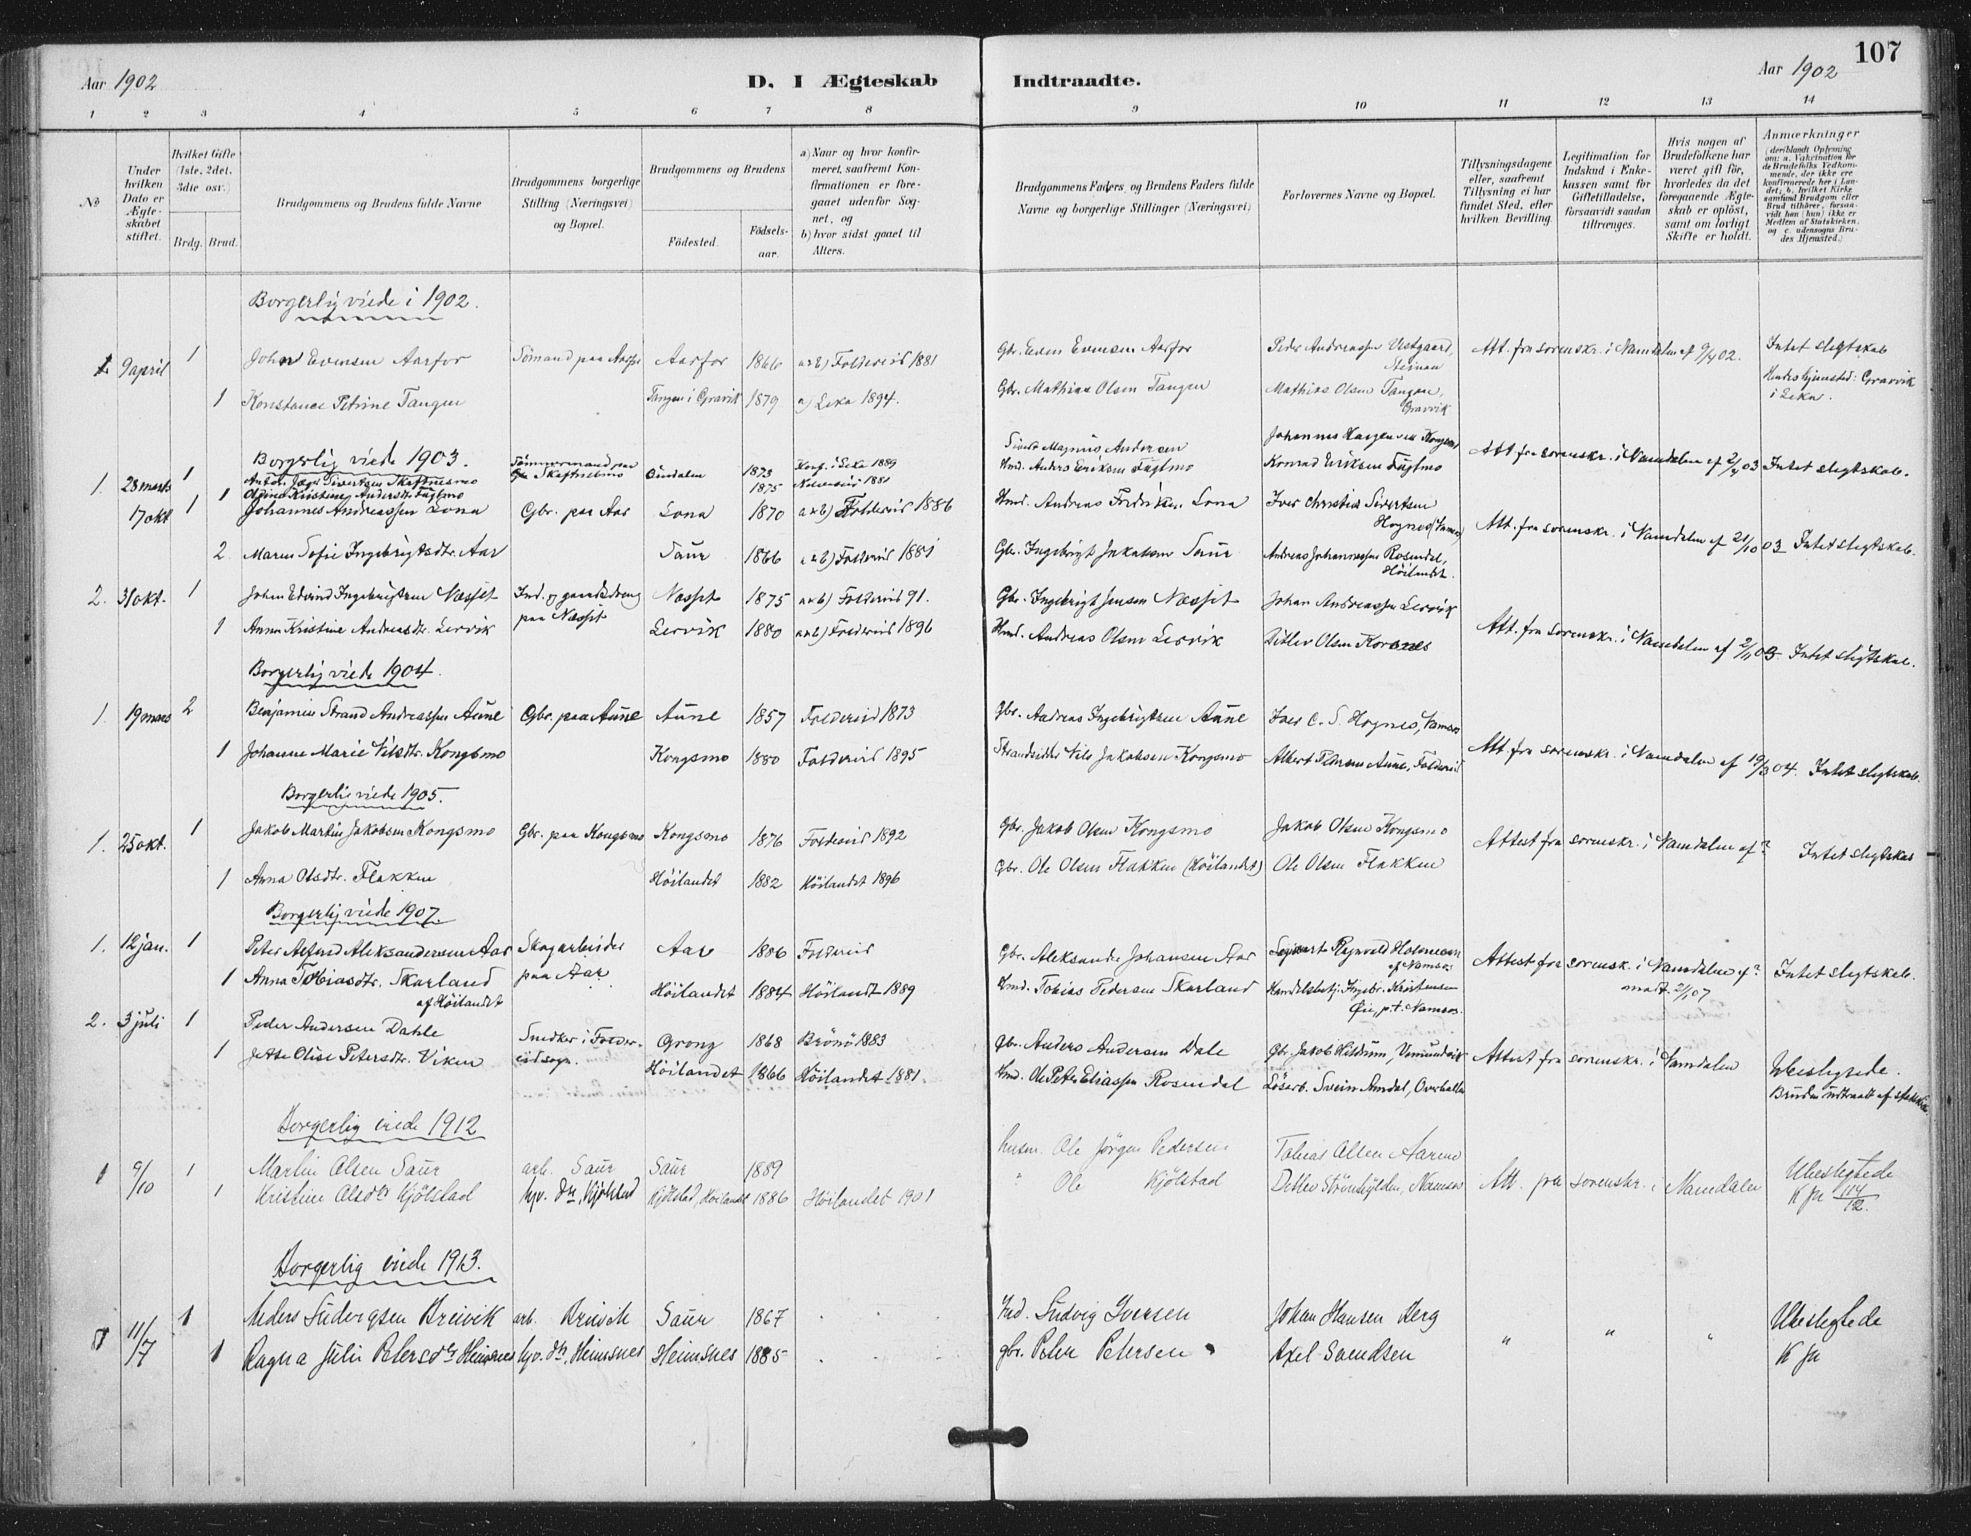 SAT, Ministerialprotokoller, klokkerbøker og fødselsregistre - Nord-Trøndelag, 783/L0660: Ministerialbok nr. 783A02, 1886-1918, s. 107